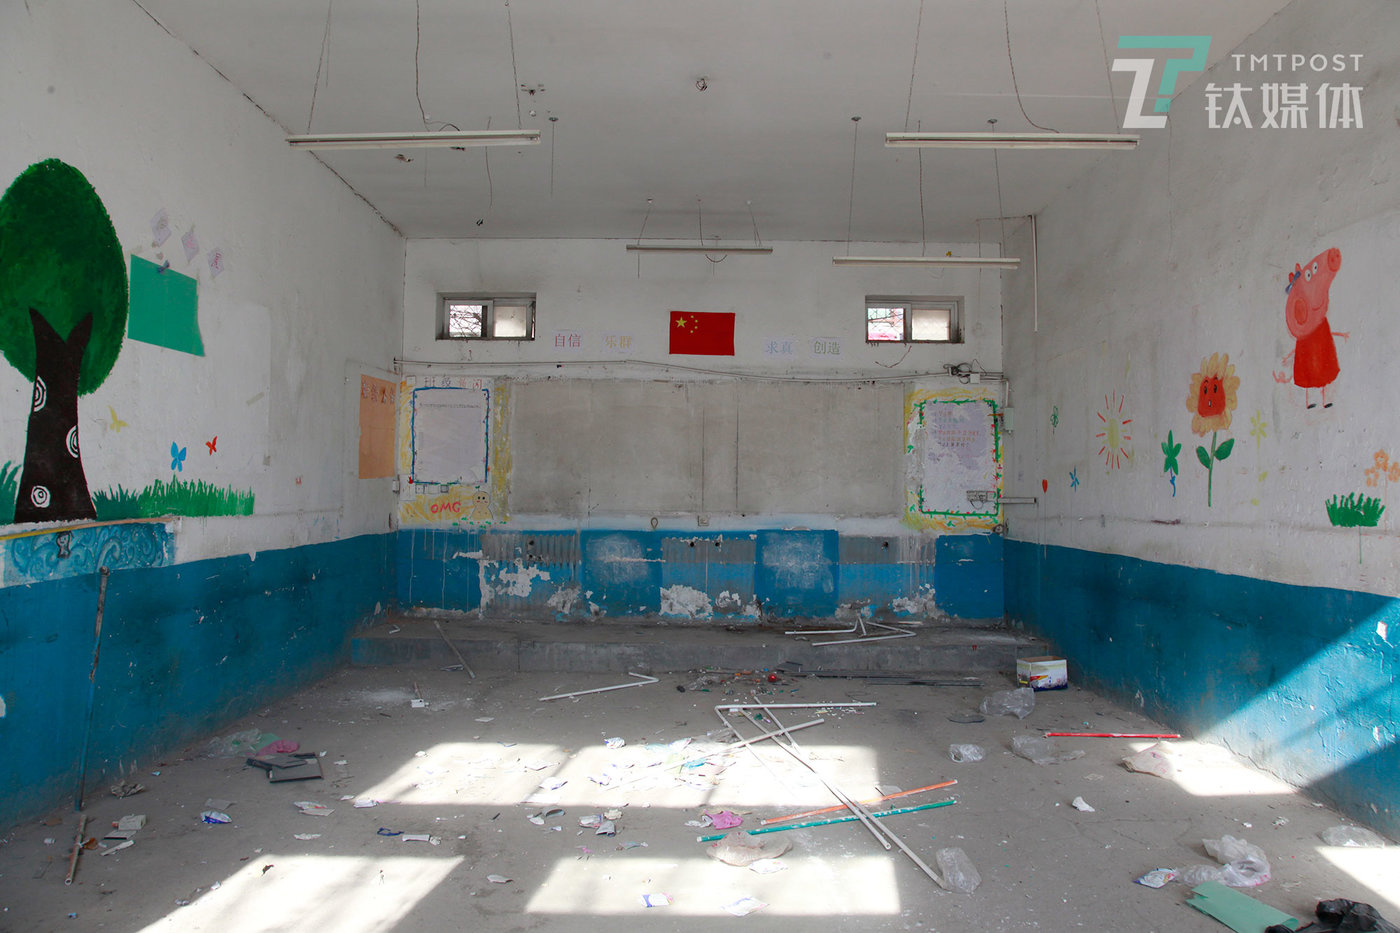 蒲公英中学旧址的教室。